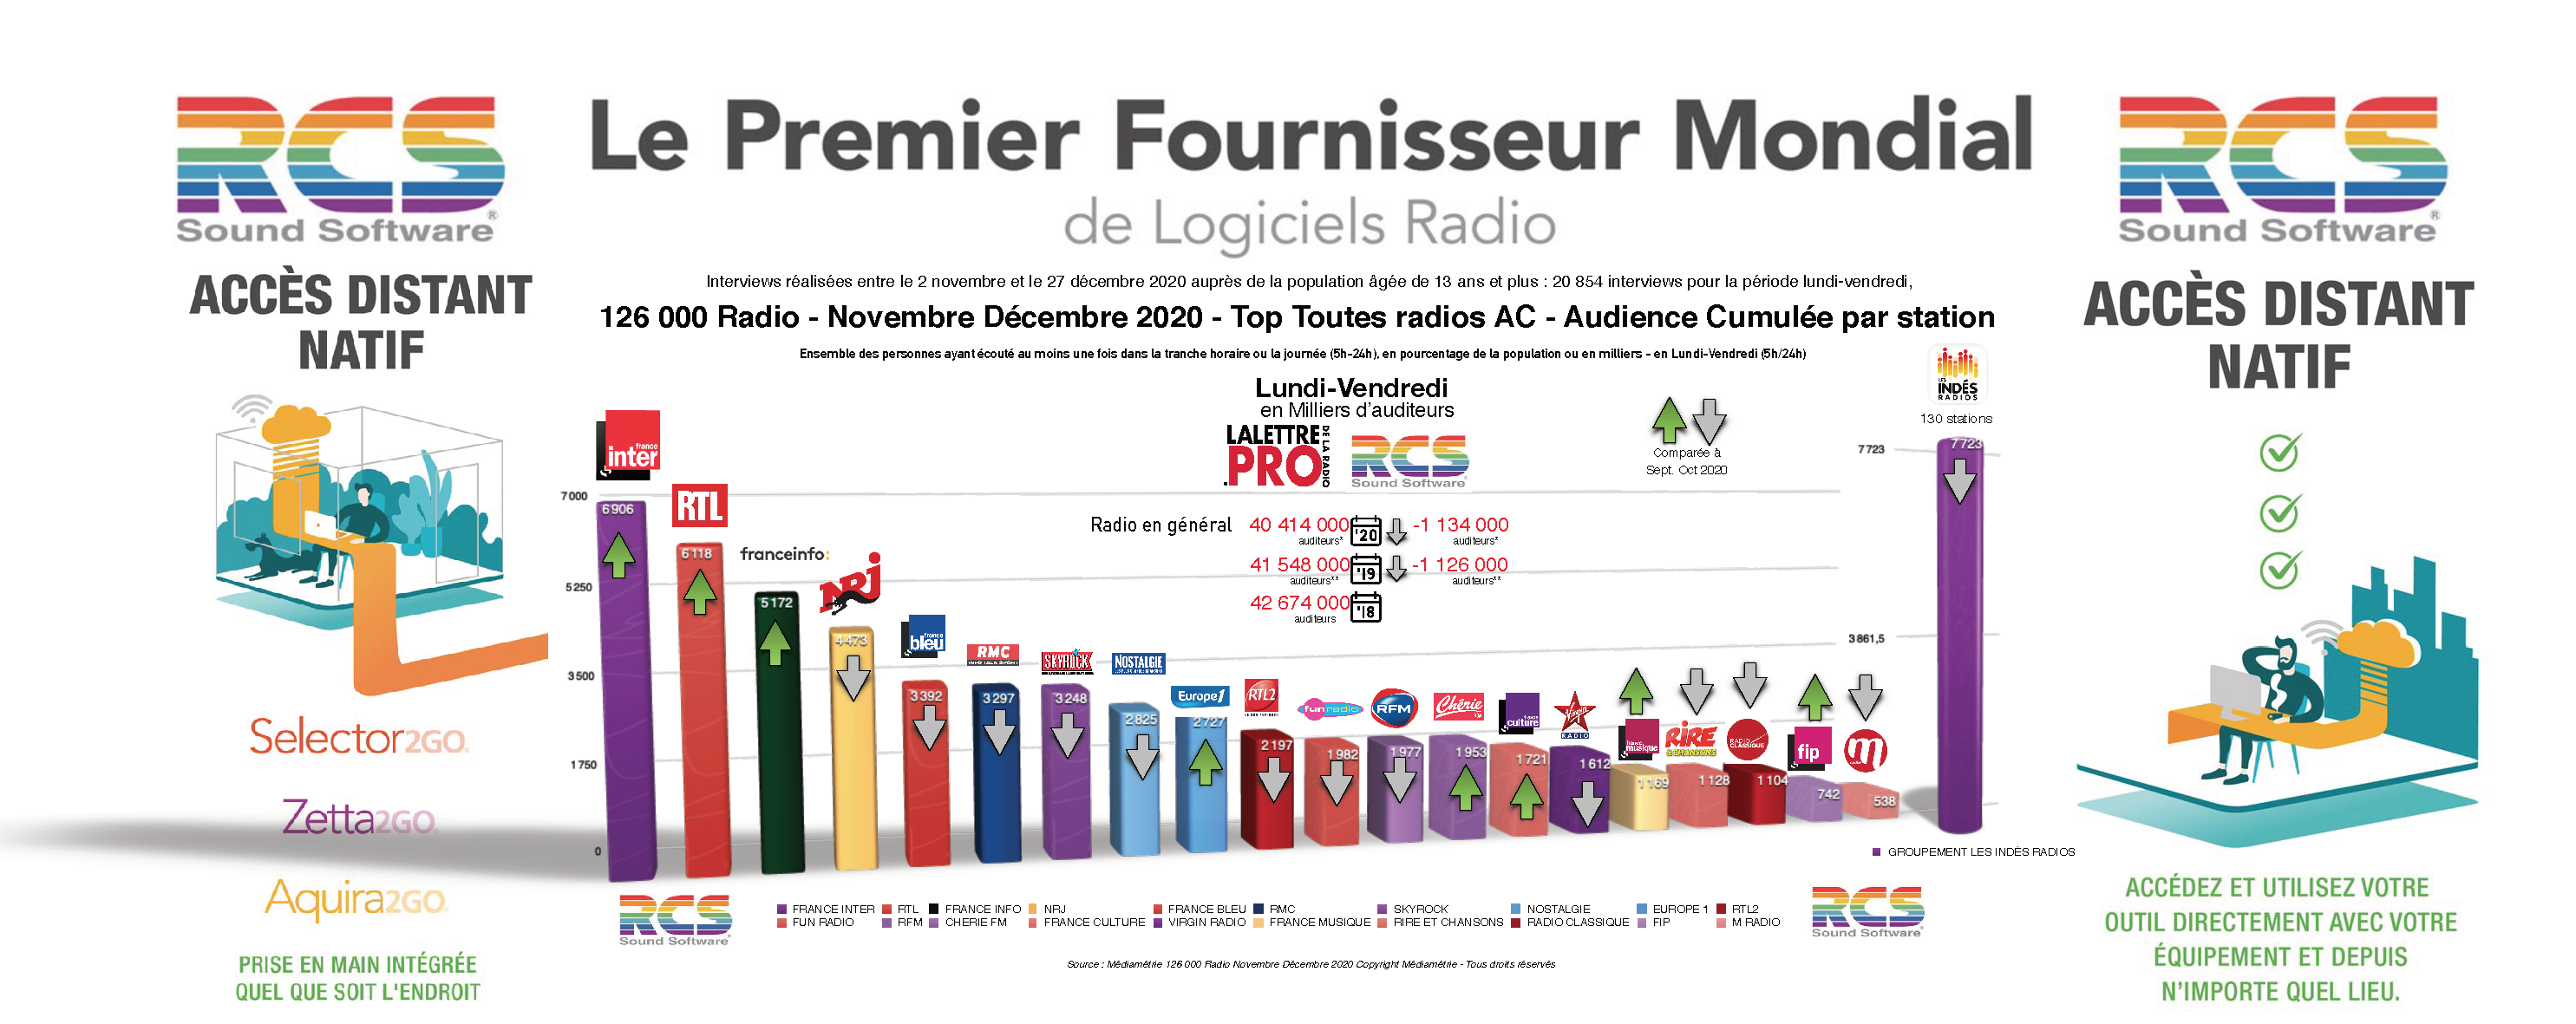 Diagramme exclusif LLP/RCS - TOP 20 radios en Lundi-Vendredi - 126 000 Nov-Déc 2020